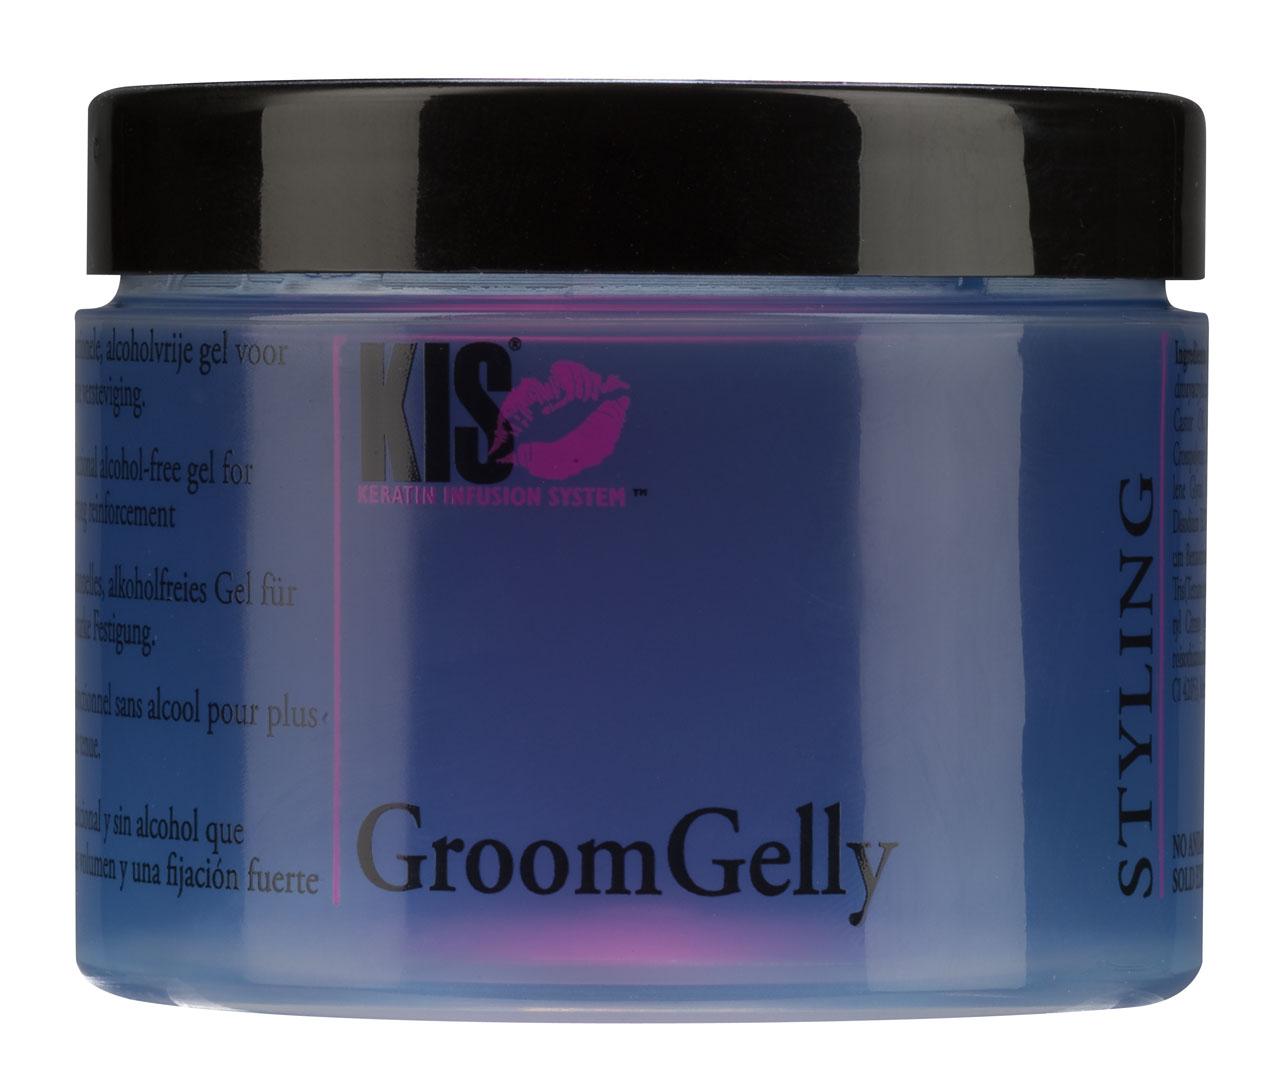 GroomGelly